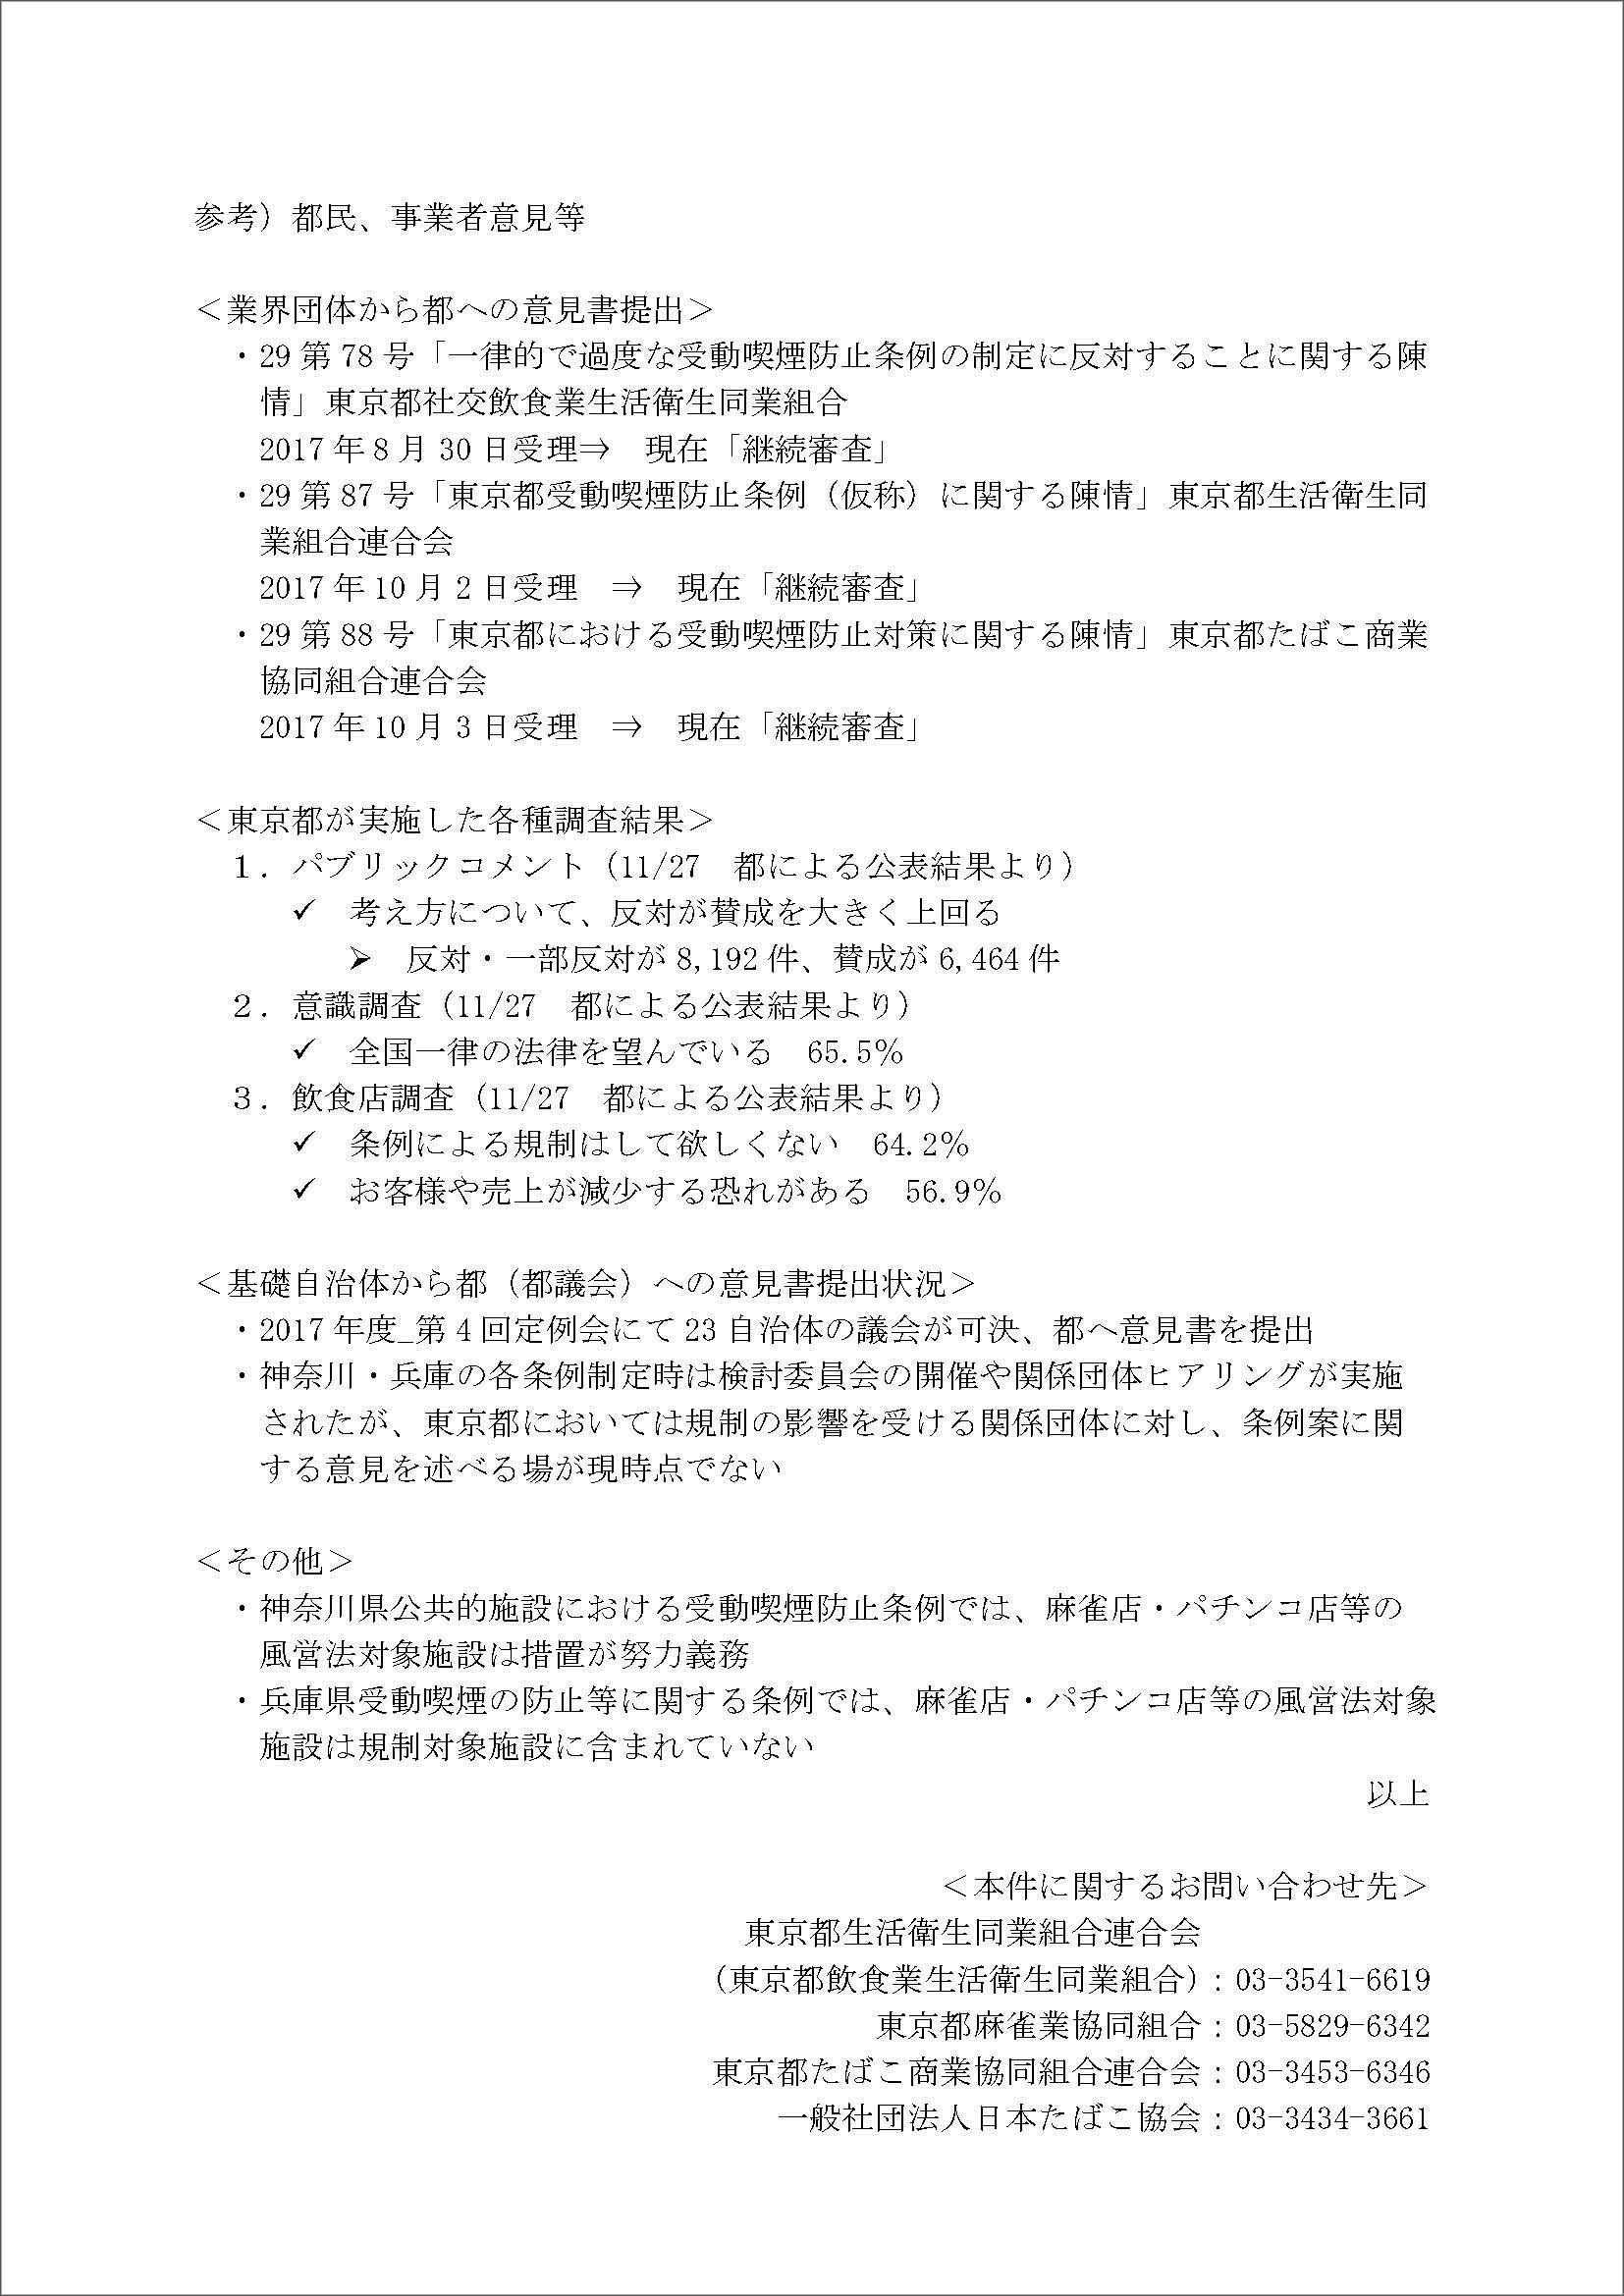 20180125_shomeikekka_fin_2